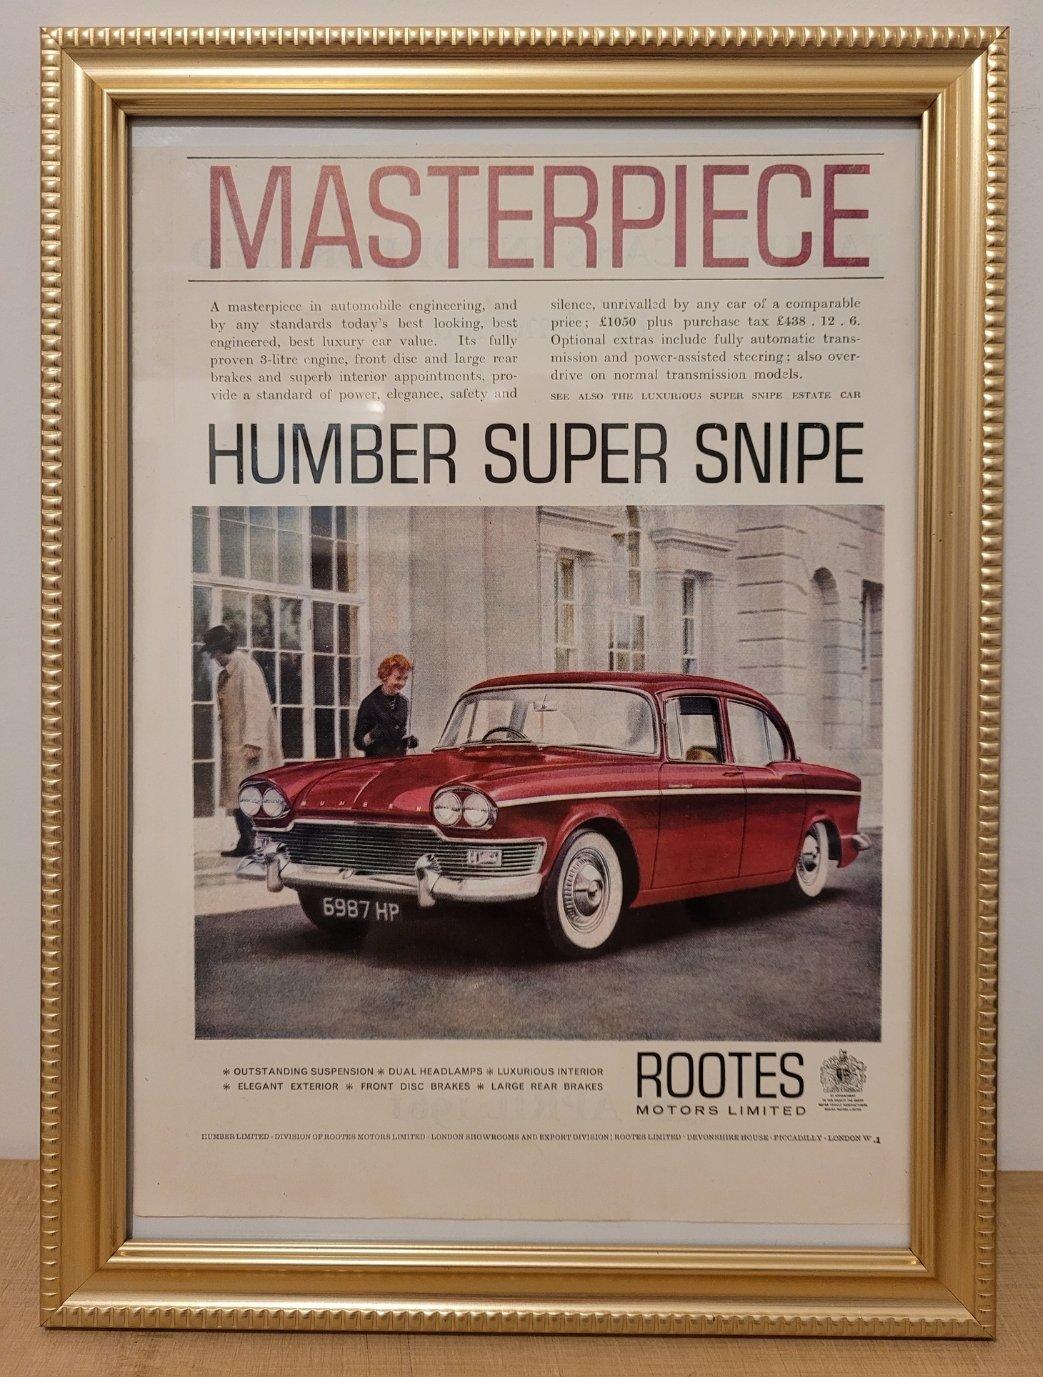 Original 1961 Humber Super Snipe Framed Advert